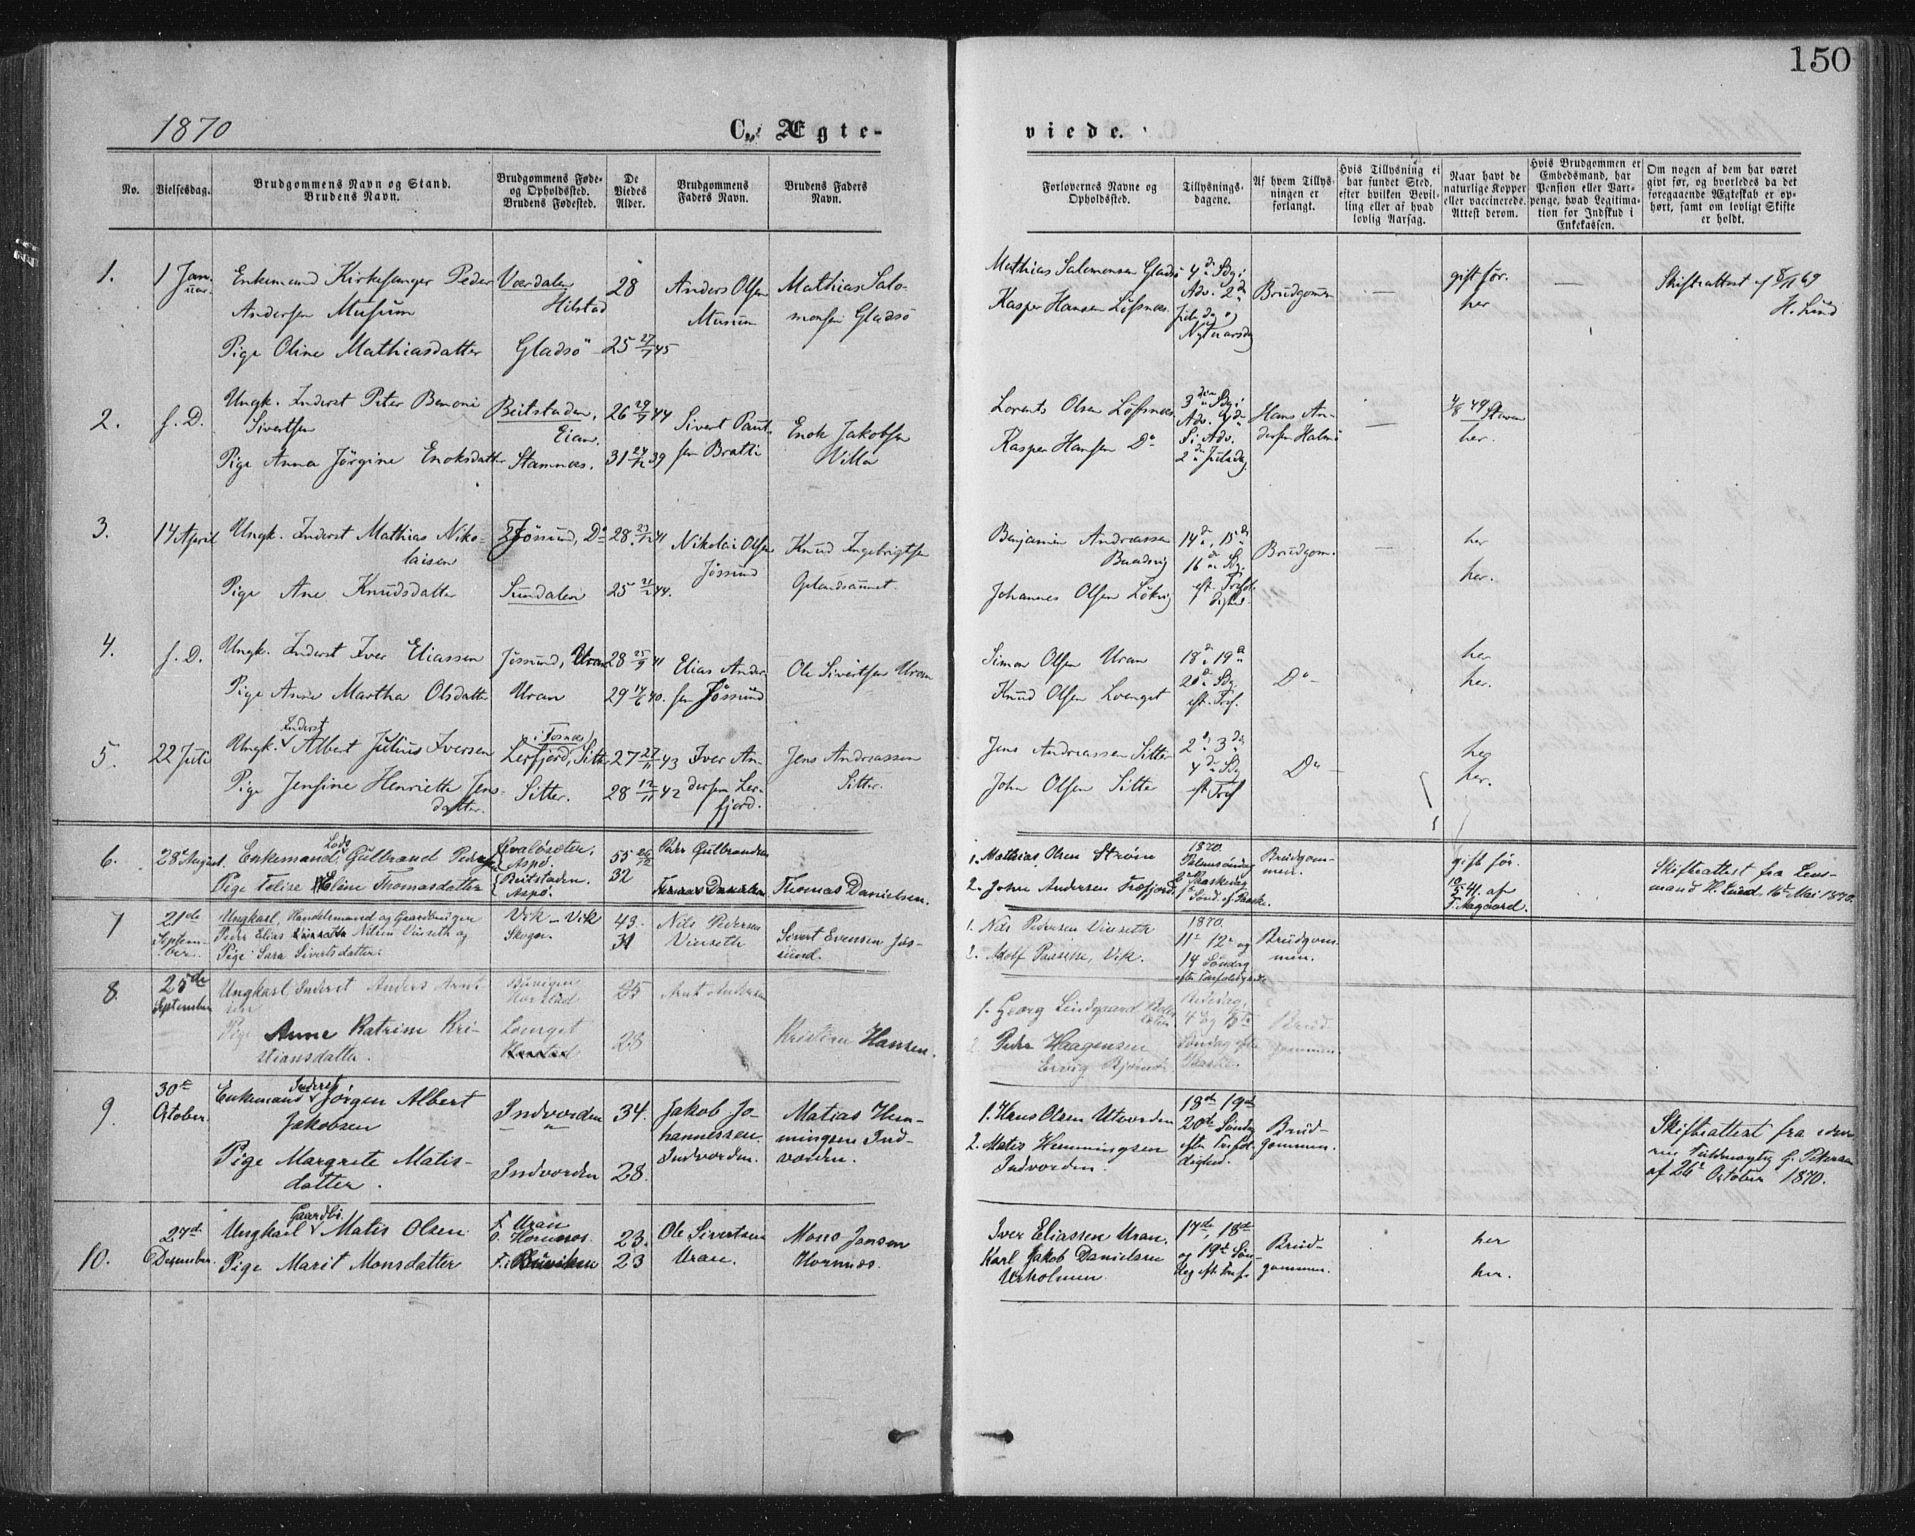 SAT, Ministerialprotokoller, klokkerbøker og fødselsregistre - Nord-Trøndelag, 771/L0596: Ministerialbok nr. 771A03, 1870-1884, s. 150